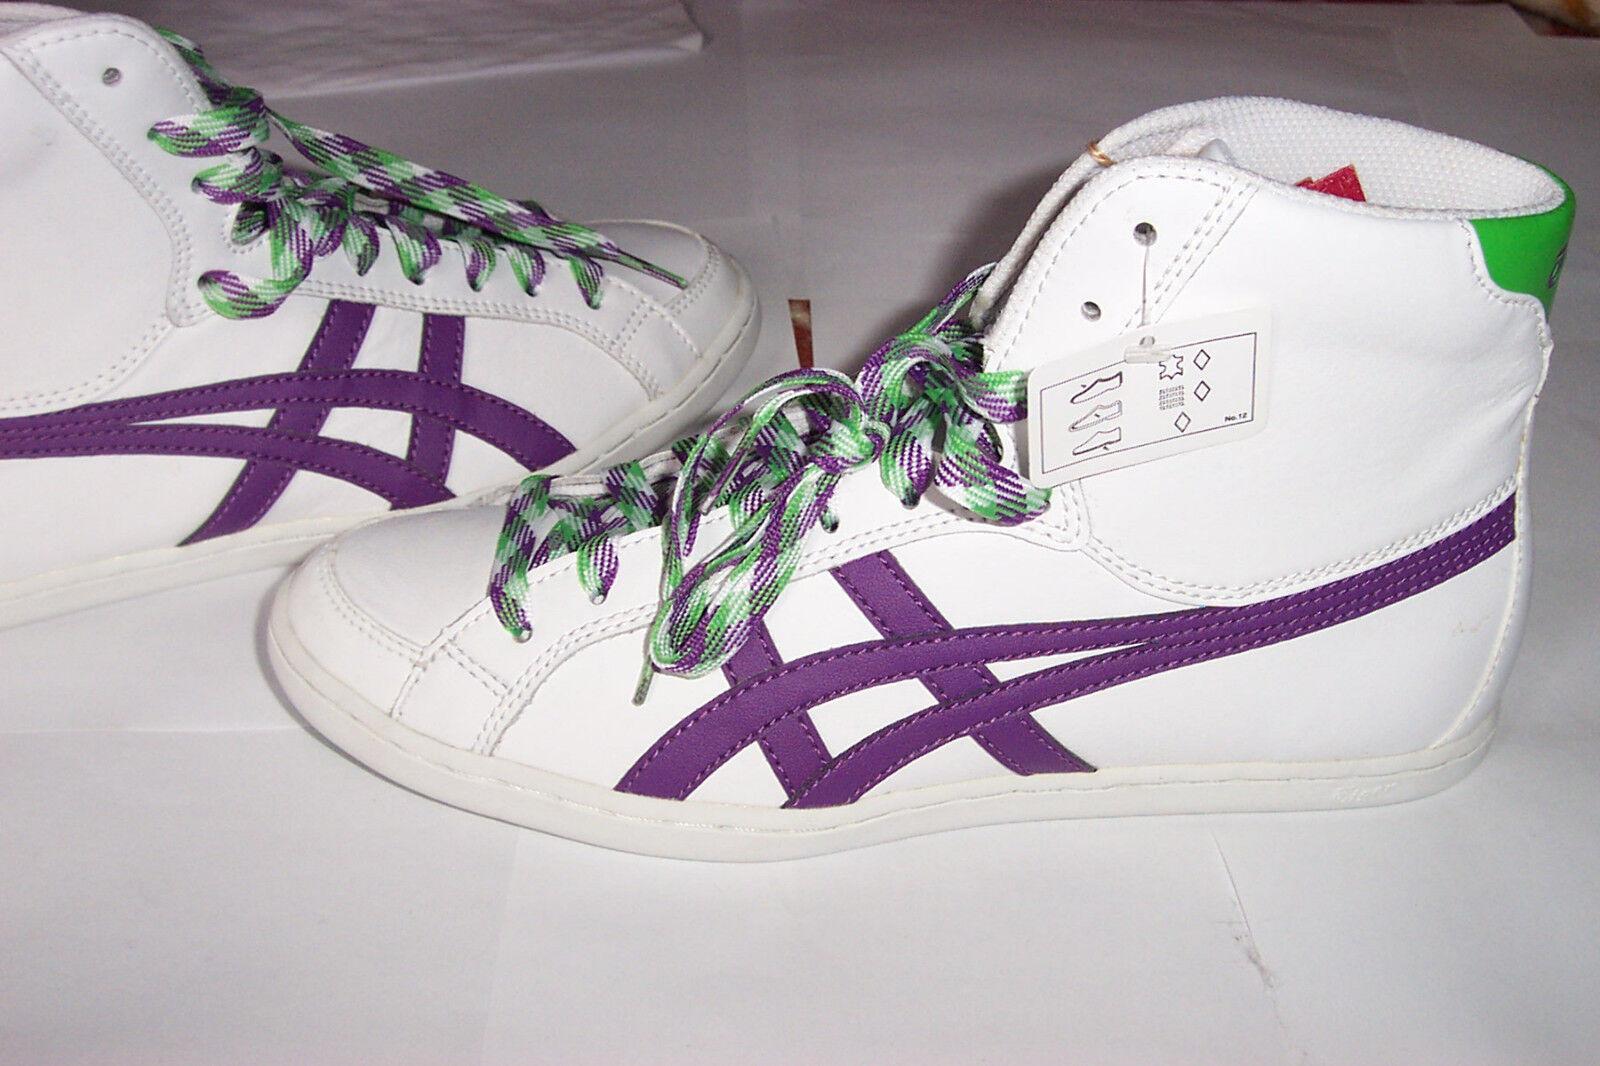 ASICS TIGER Camonte Hi blanc violet Femmes Cuir Taille UK 7-UE 38-cm 24 NEUF